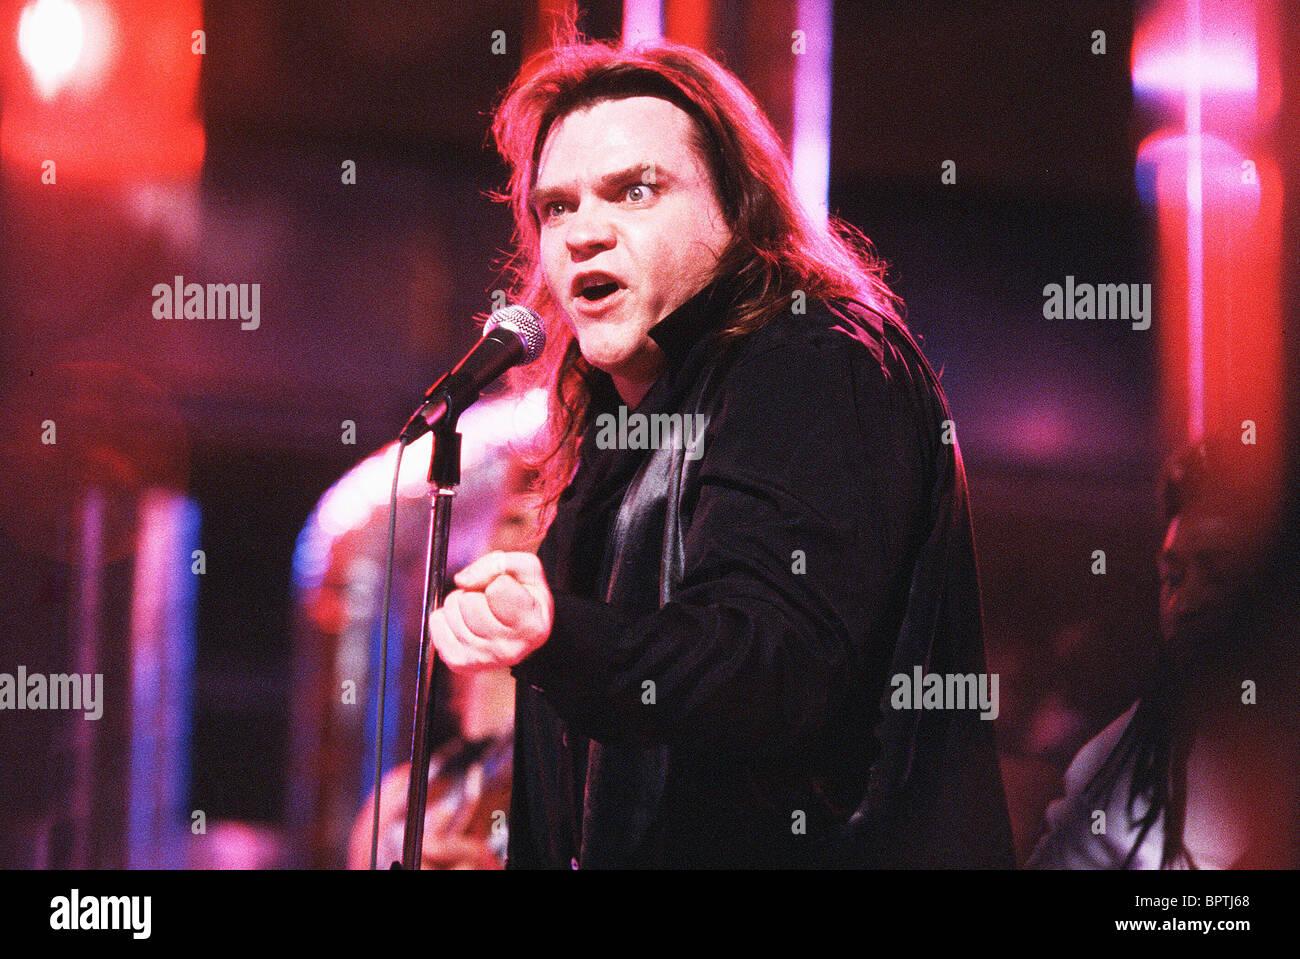 Meatloaf lead singer